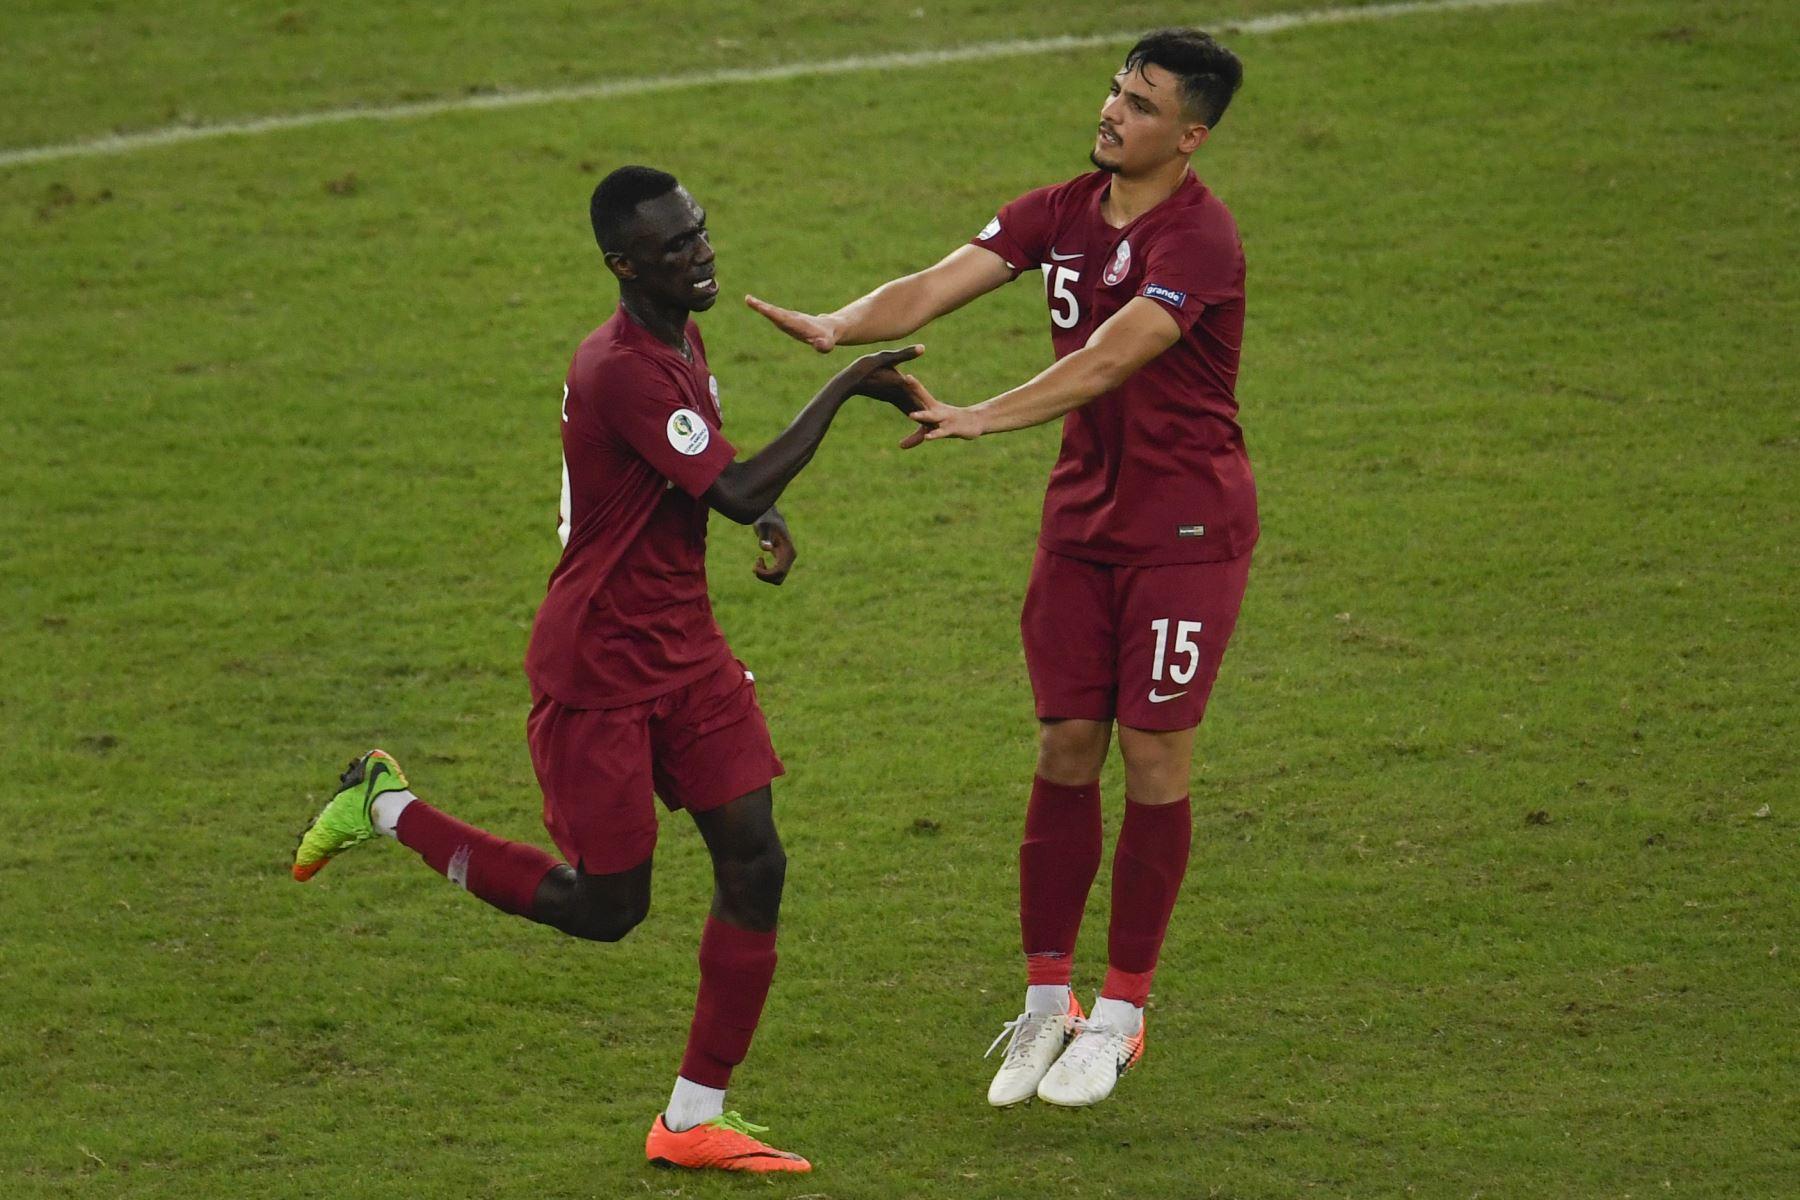 Almoez Ali (L), de Qatar, celebra con su compañero de equipo Bassam Al-Rawi luego de marcar contra Paraguay durante su partido de torneo de fútbol de la Copa América en el estadio Maracana en Río de Janeiro, Brasil. Foto: AFP